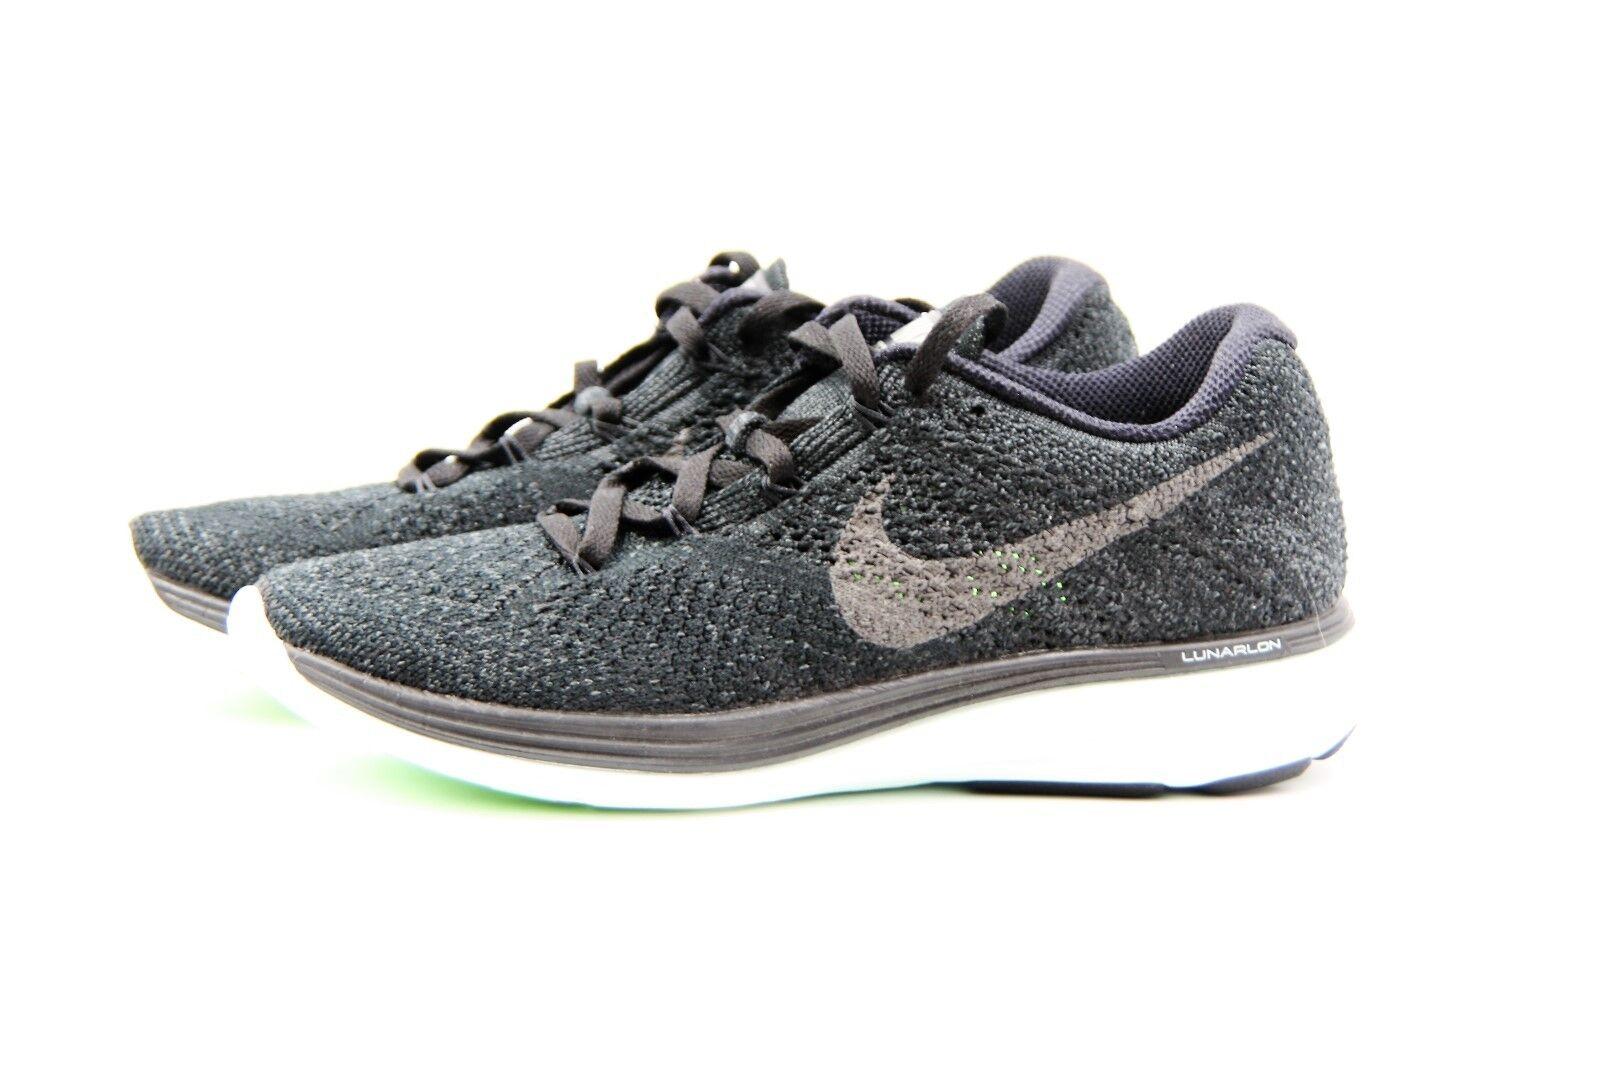 Women's Nike Flyknit Lunar3 LB Size 6 (826838 003) Black Pewter Green